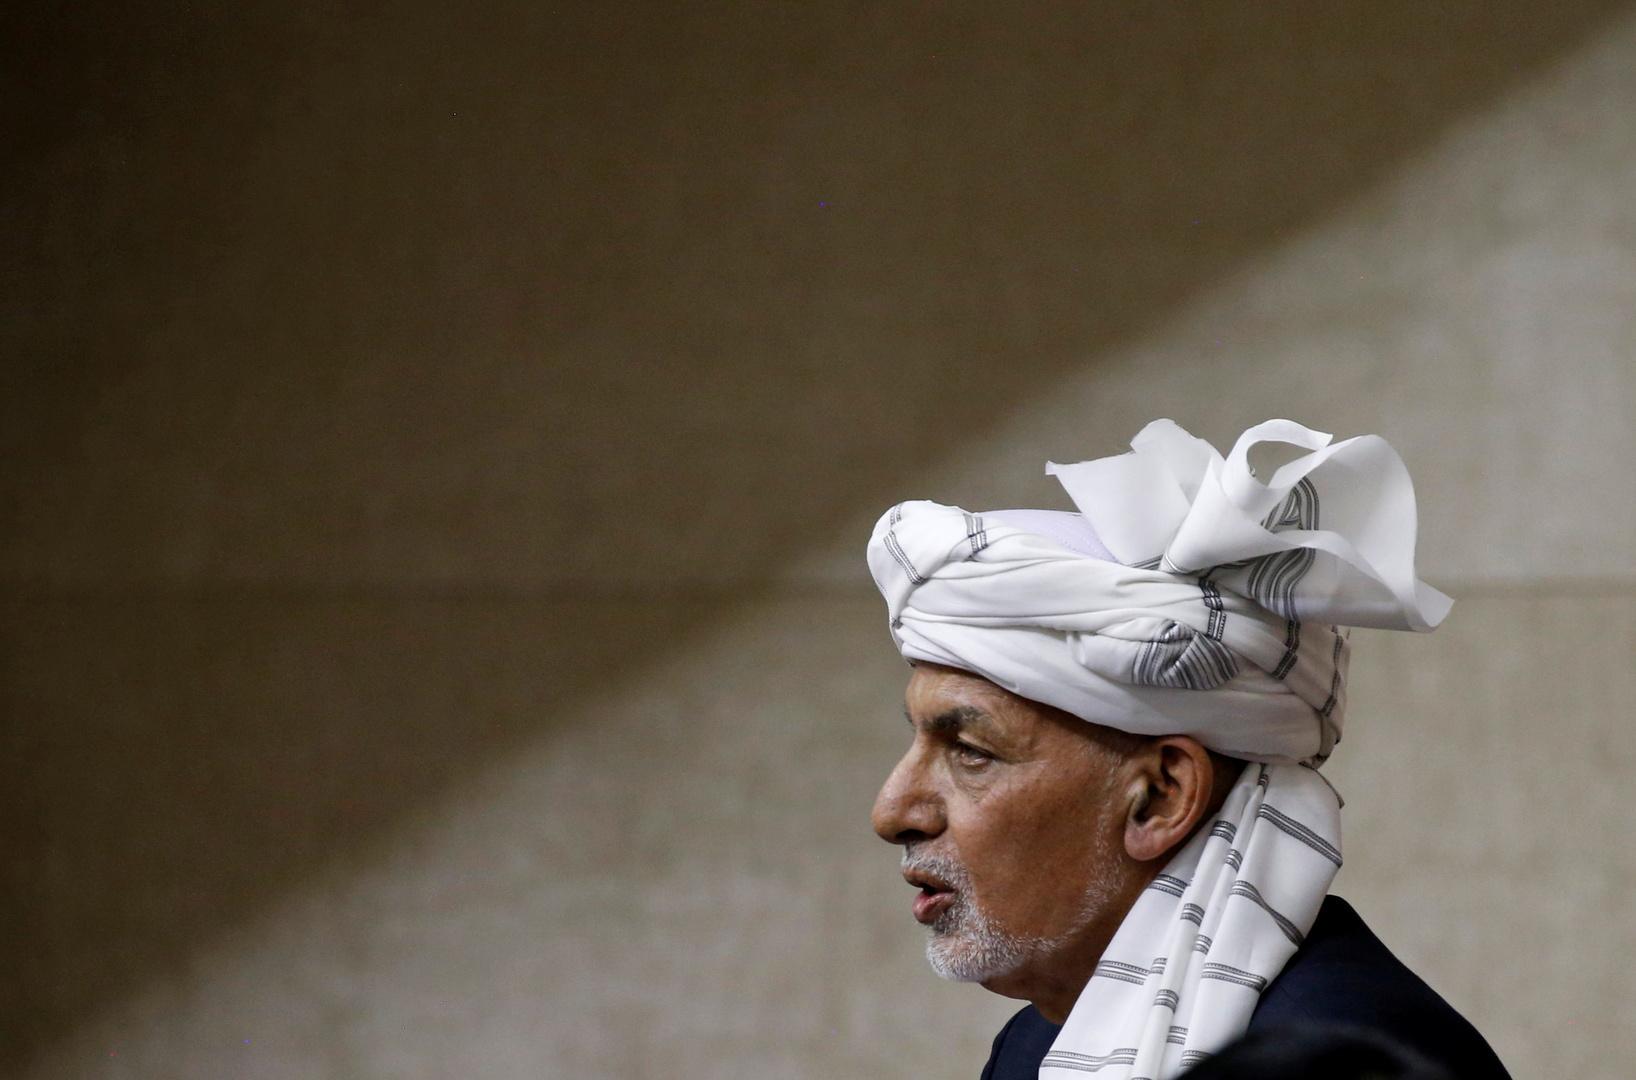 وسائل إعلام: الرئيس الأفغاني غني وافق على الاستقالة وغادر البلاد